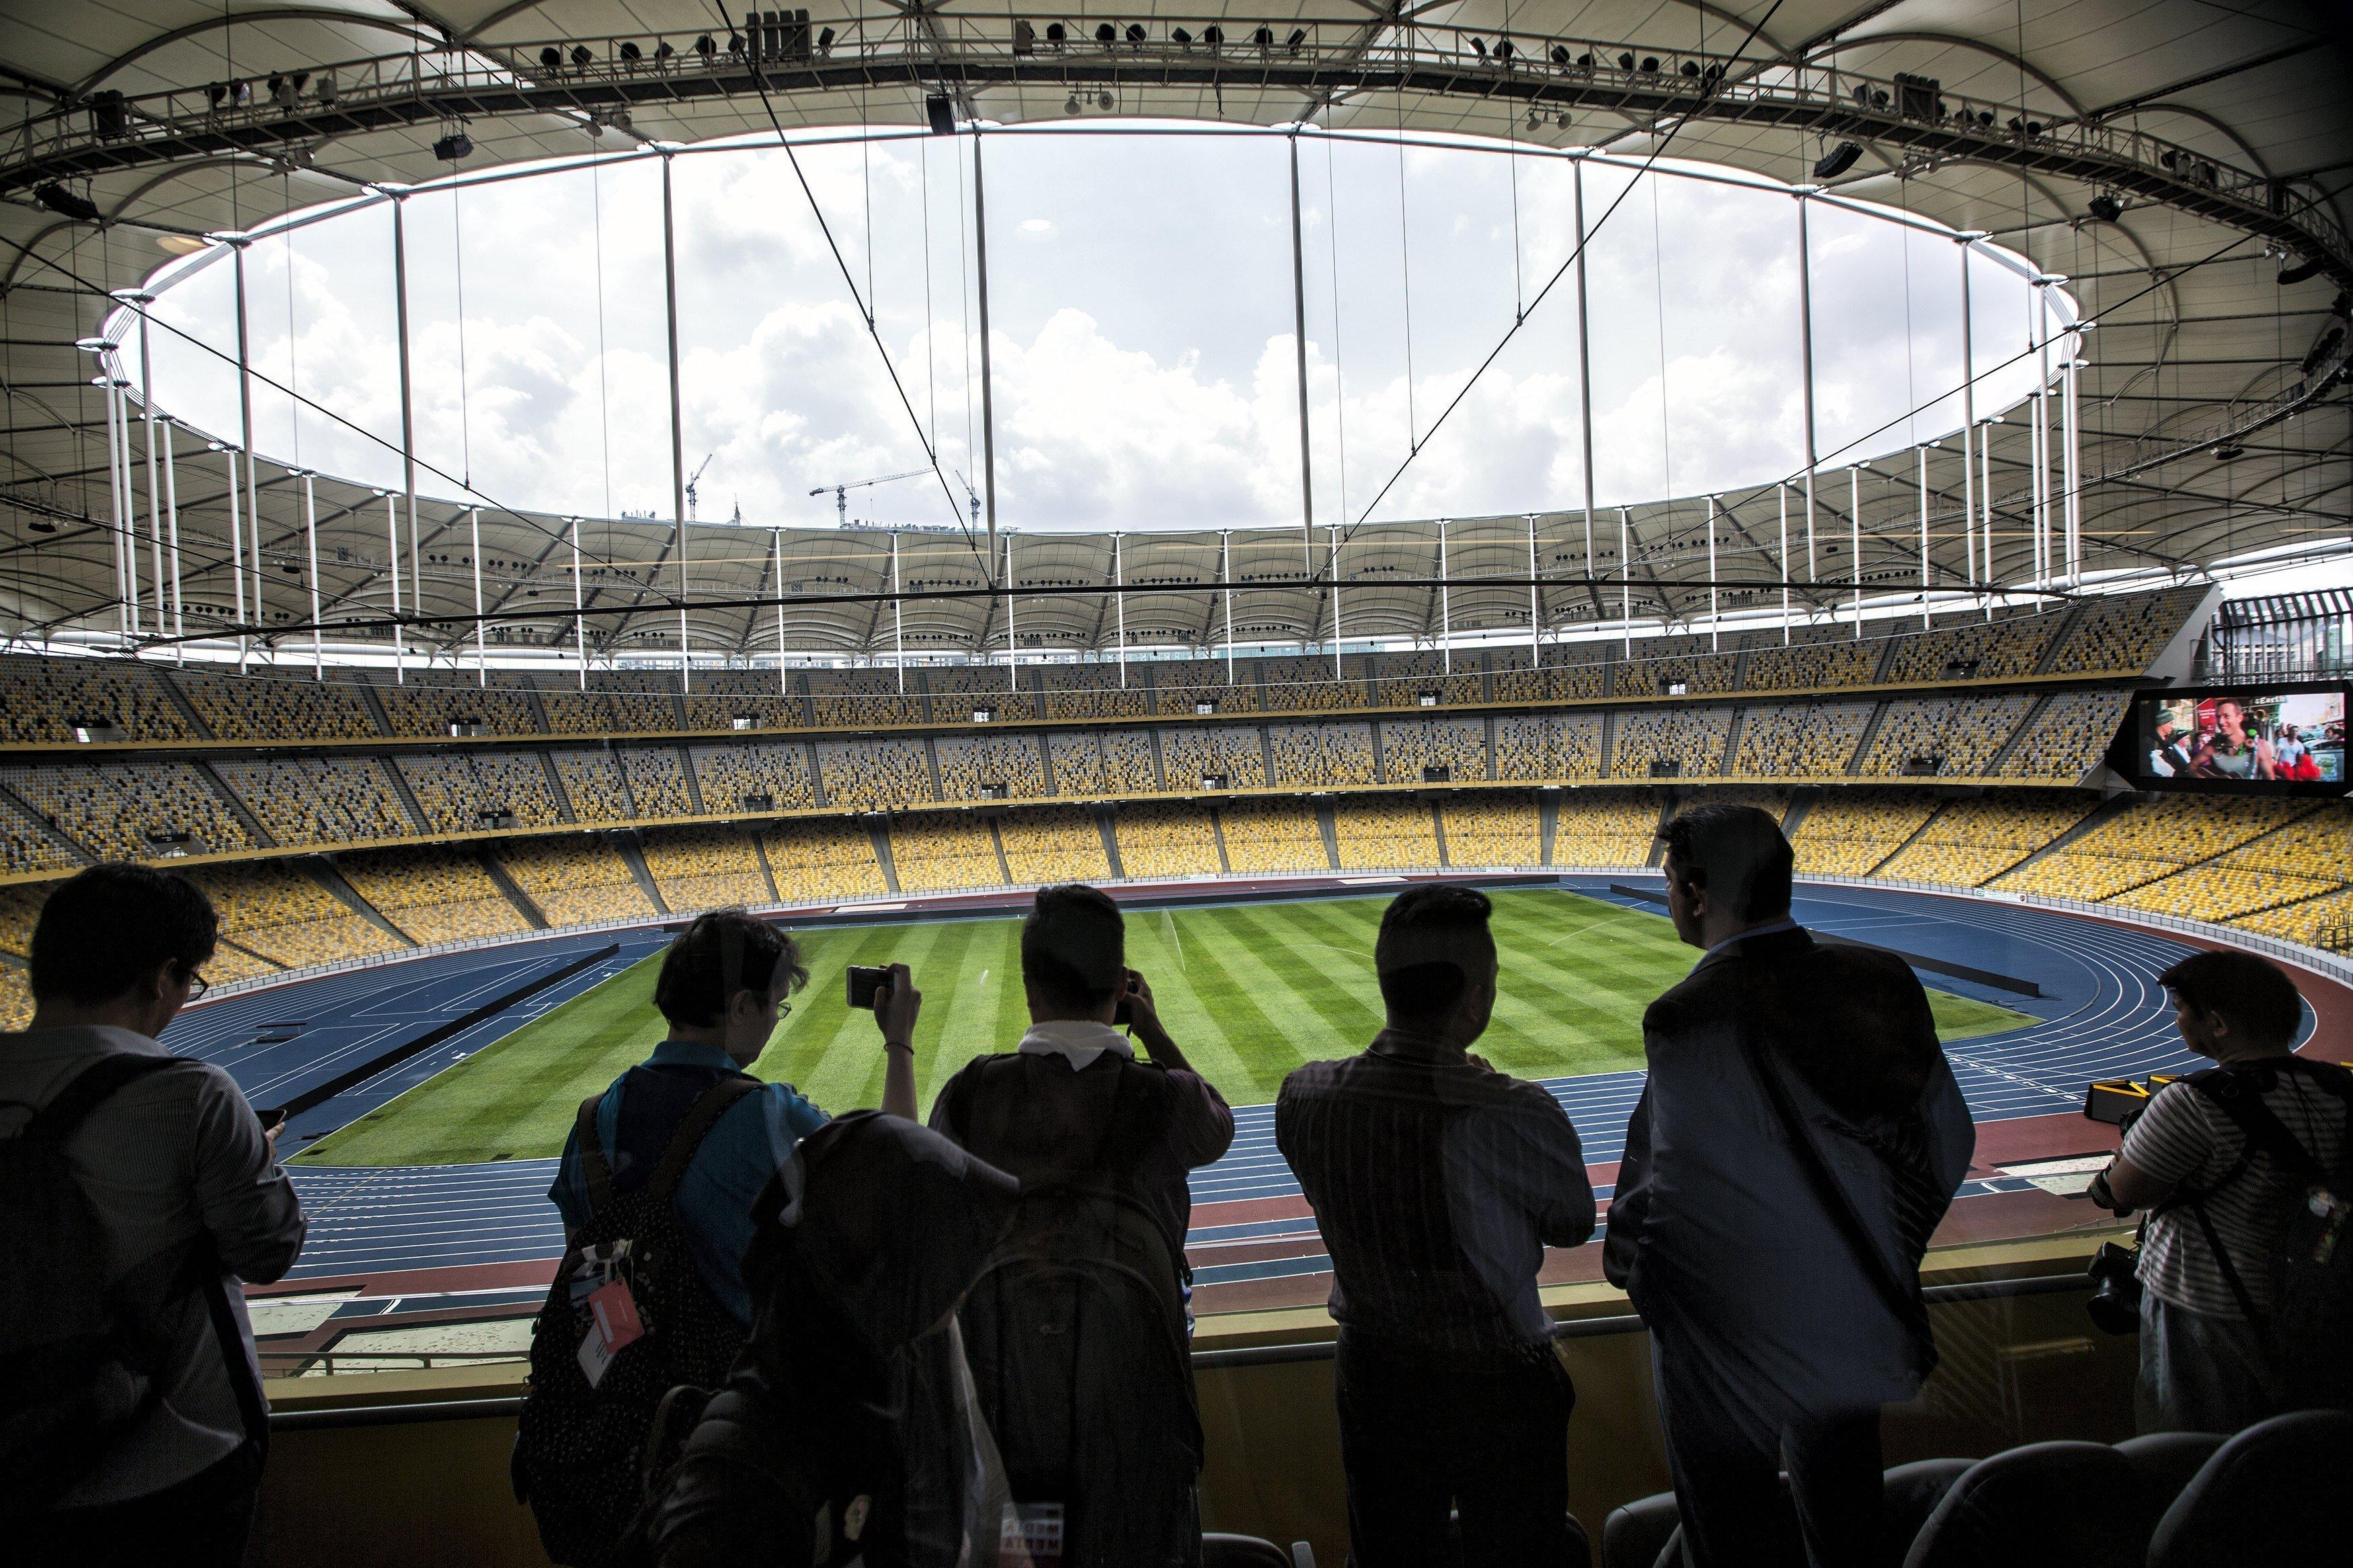 Periodistes visiten l'Estadi Nacional durant una visita guiada amb motiu de la imminent celebració dels Jocs del Sud-est Asiàtic, a Kuala Lumpur, Malàisia. /AHMAD YUSNI